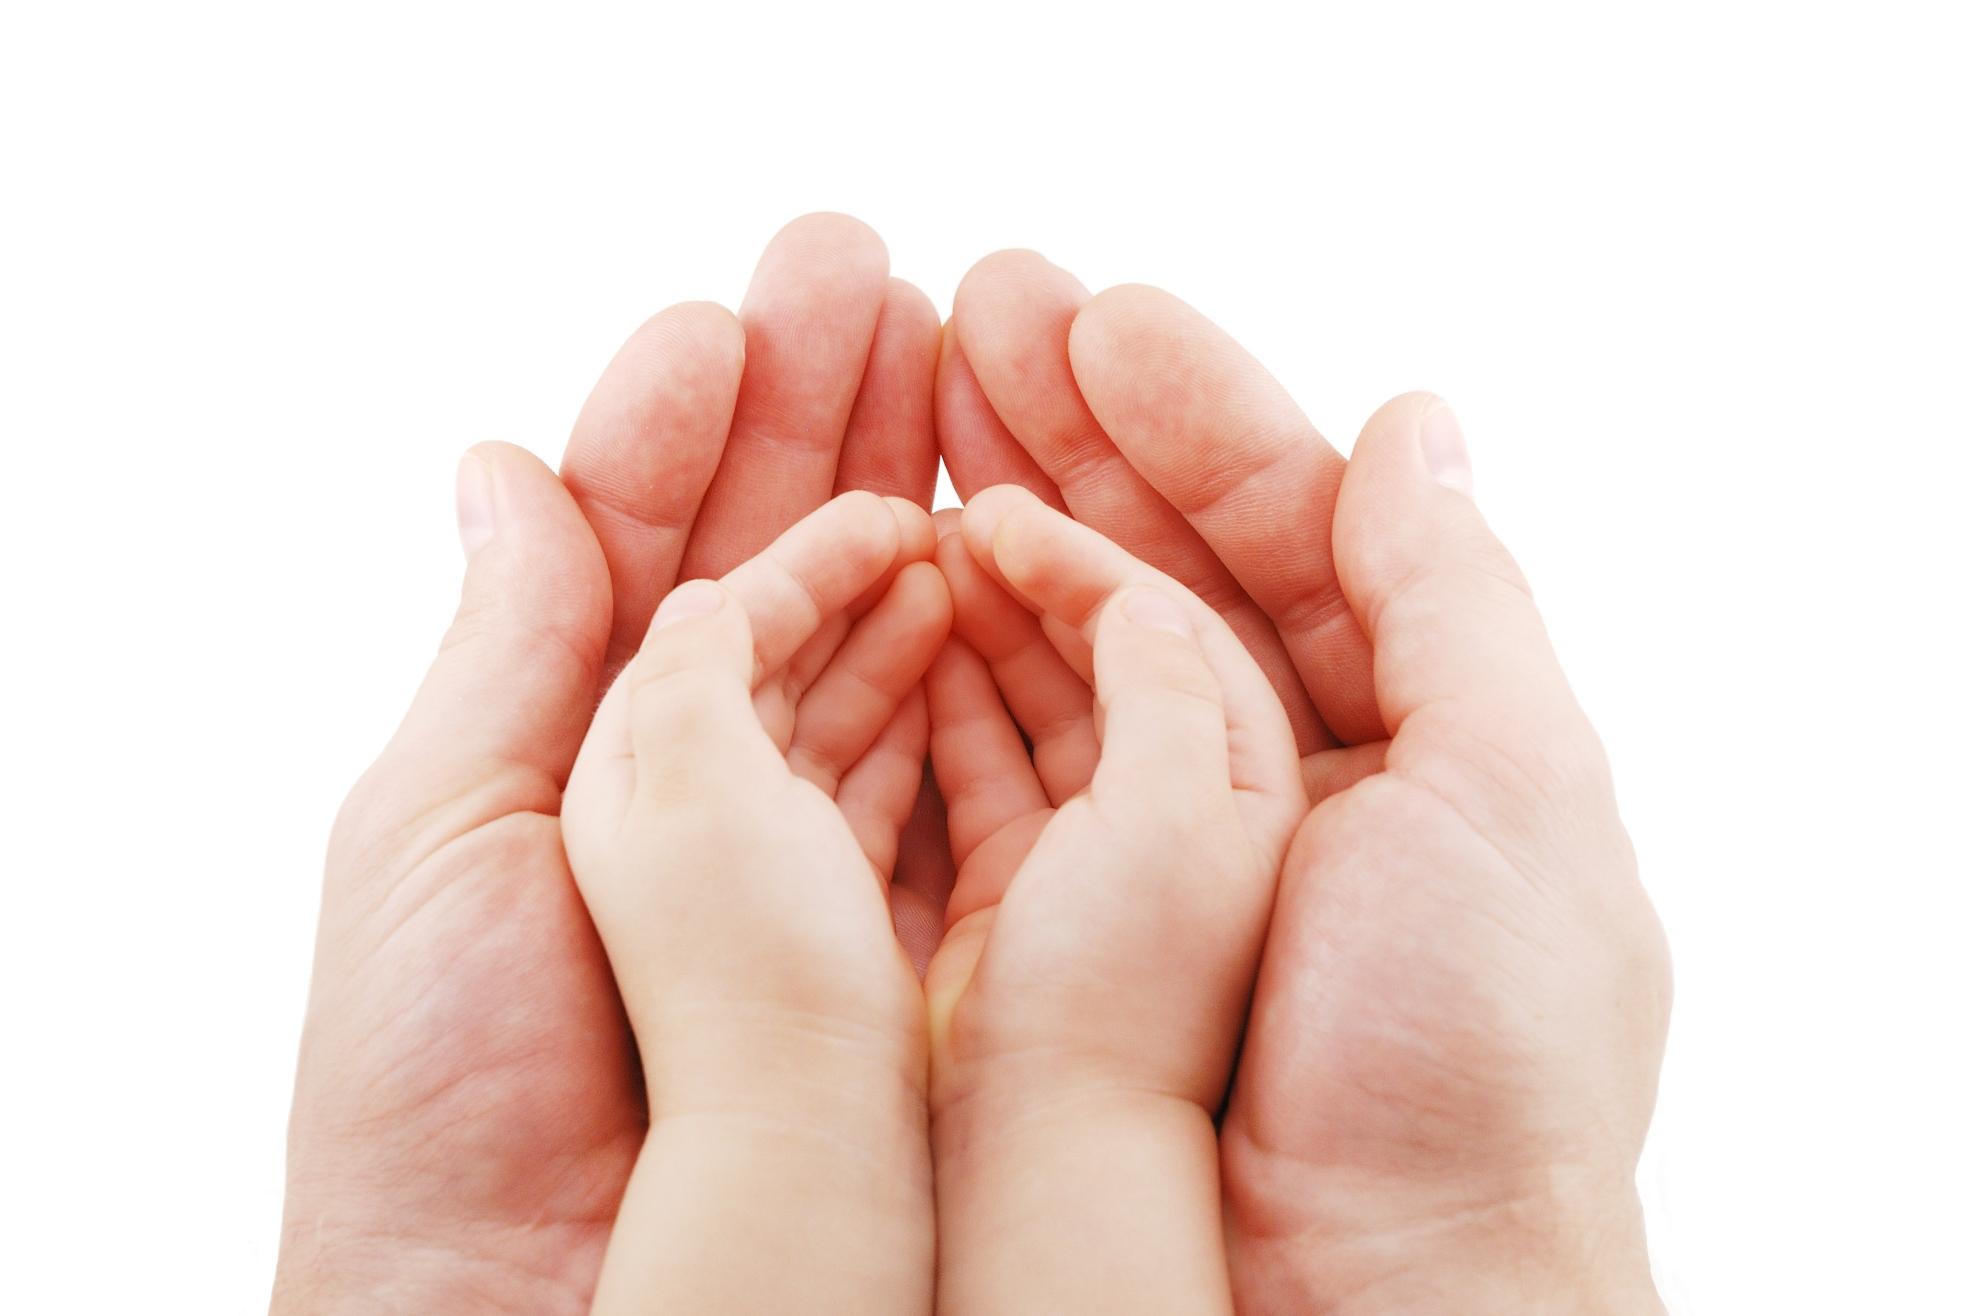 Principles of raising children